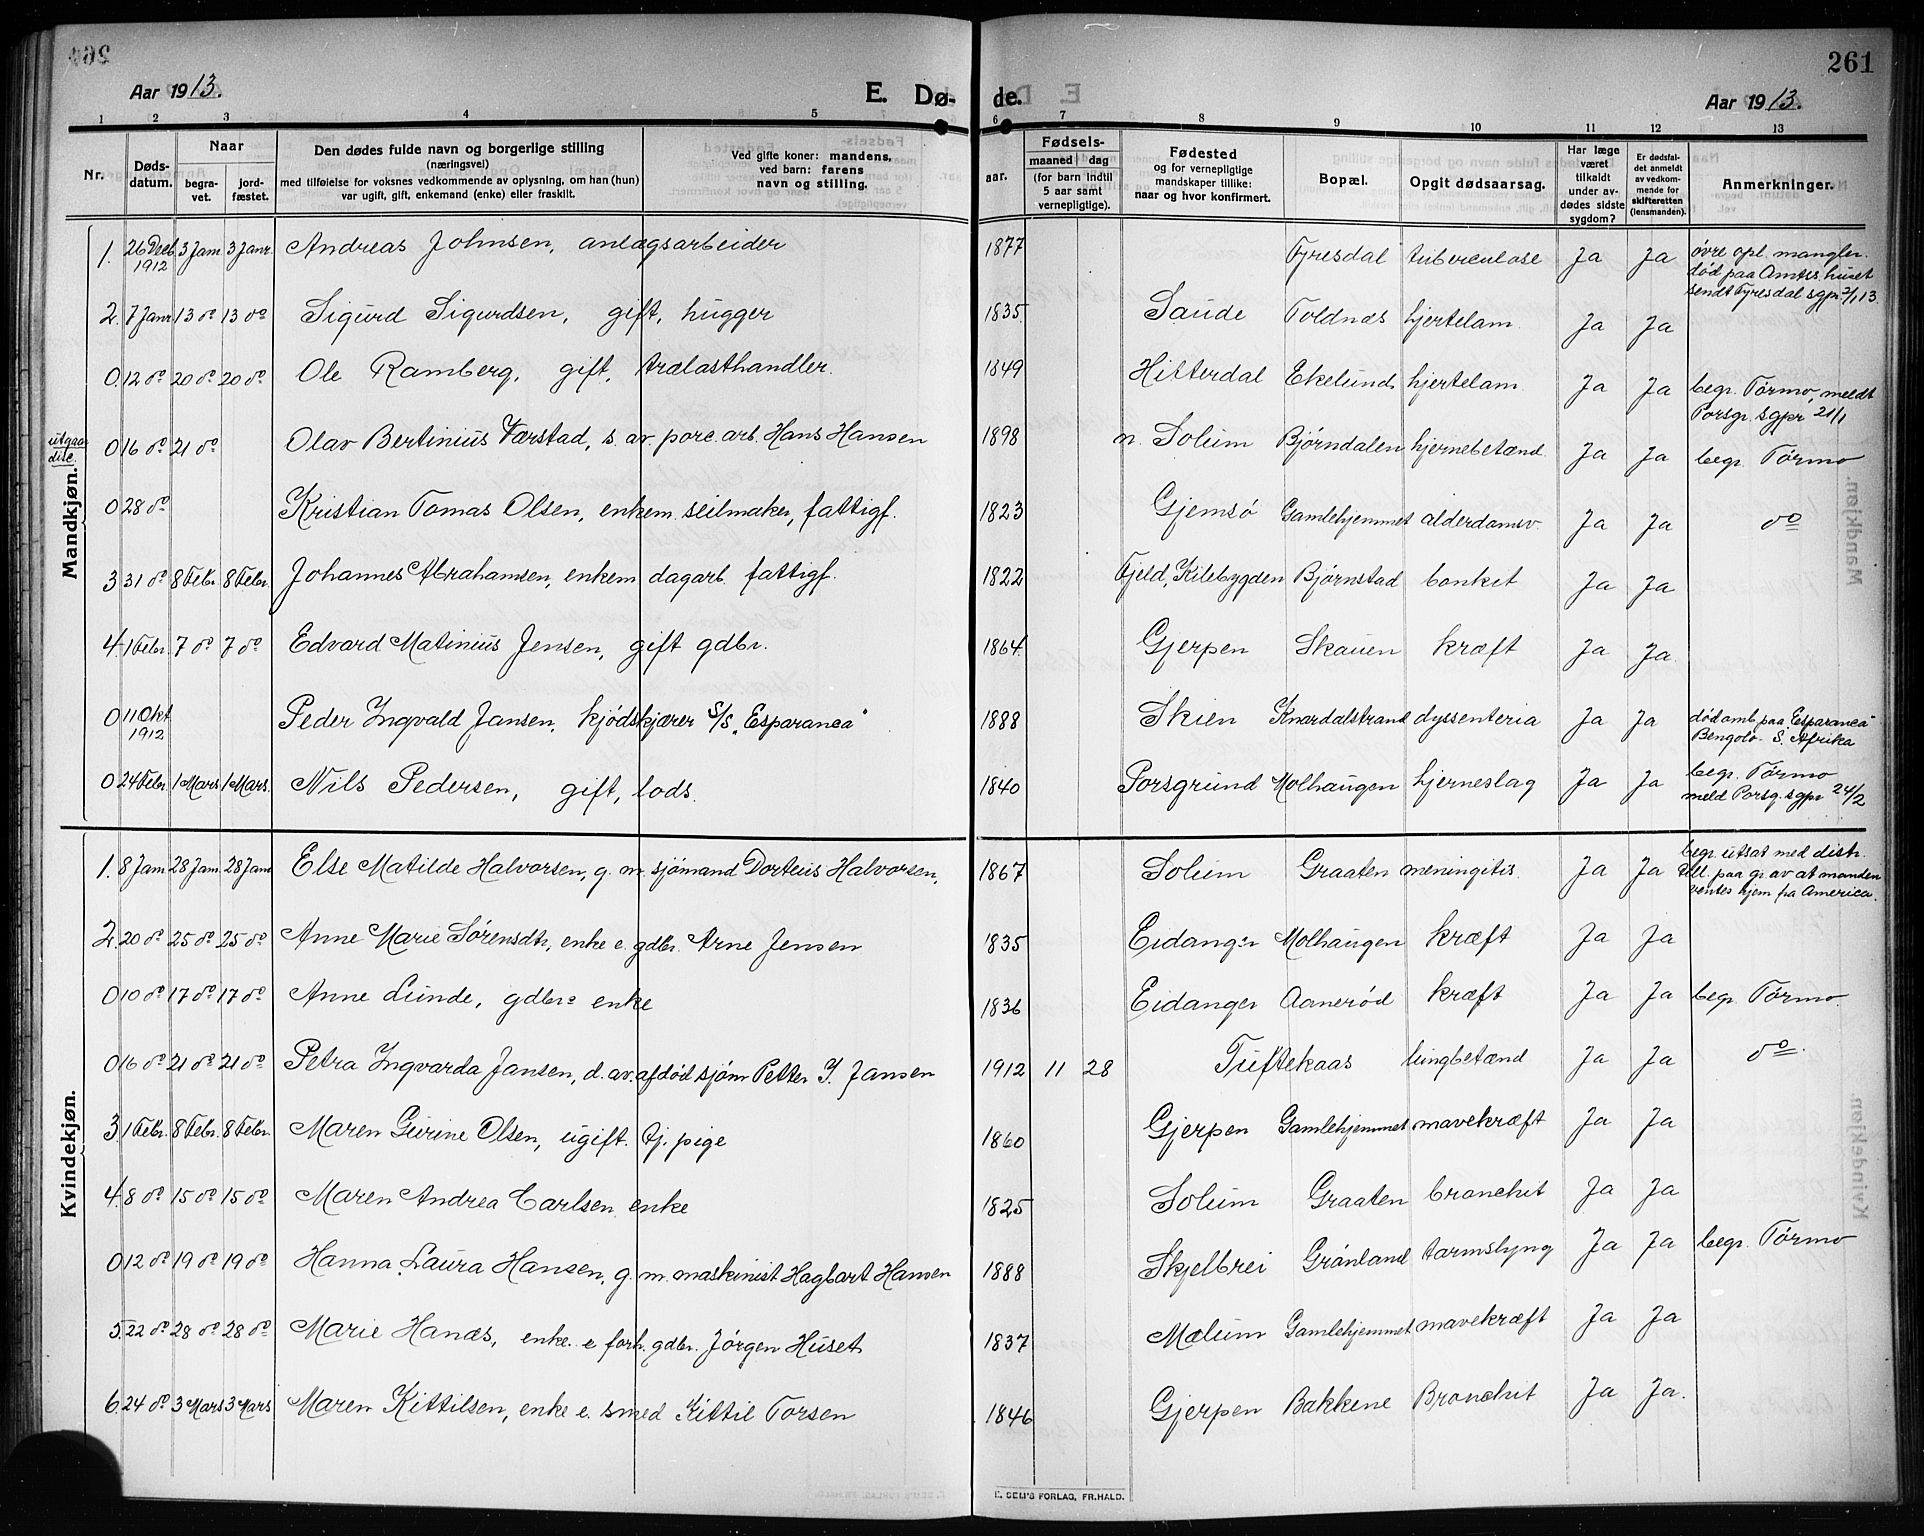 SAKO, Solum kirkebøker, G/Ga/L0009: Klokkerbok nr. I 9, 1909-1922, s. 261